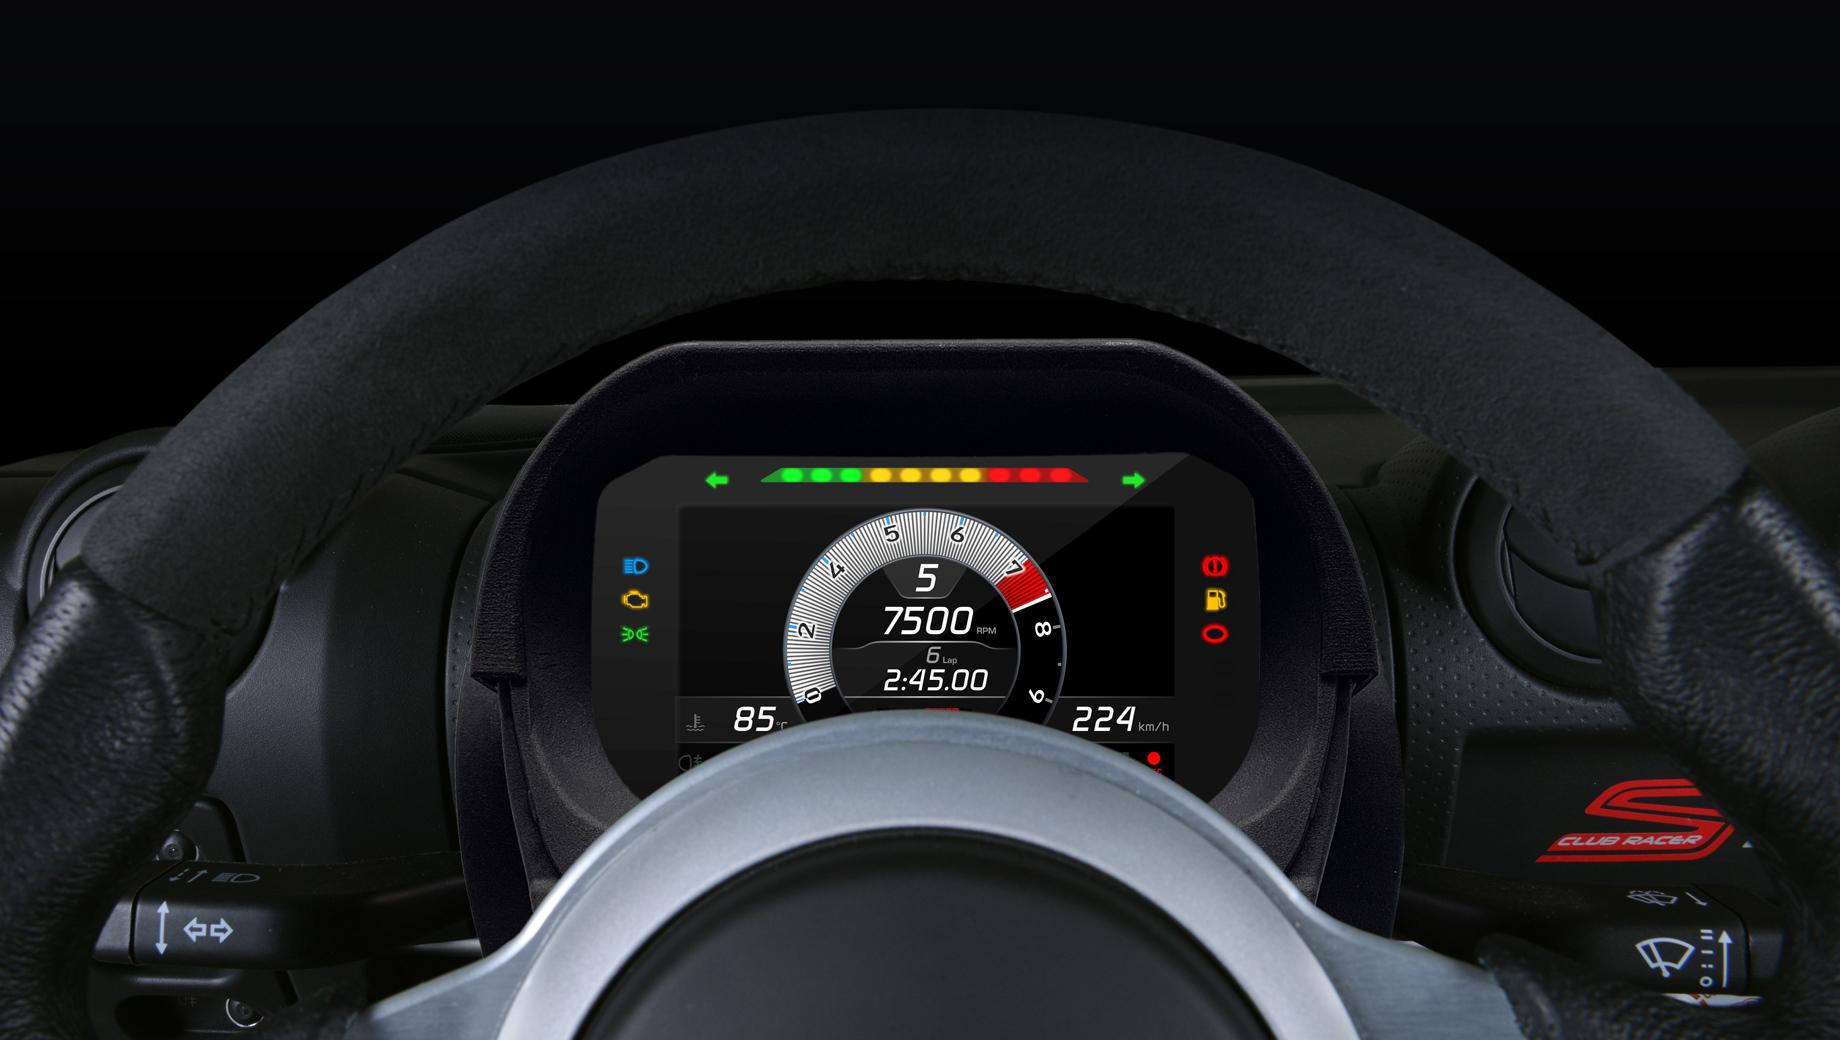 Lotus elise,Lotus exige. Технически — это цветной высококонтрастный TFT-дисплей с диагональю в шесть дюймов. Основные изюминки — электронная начинка и софт.